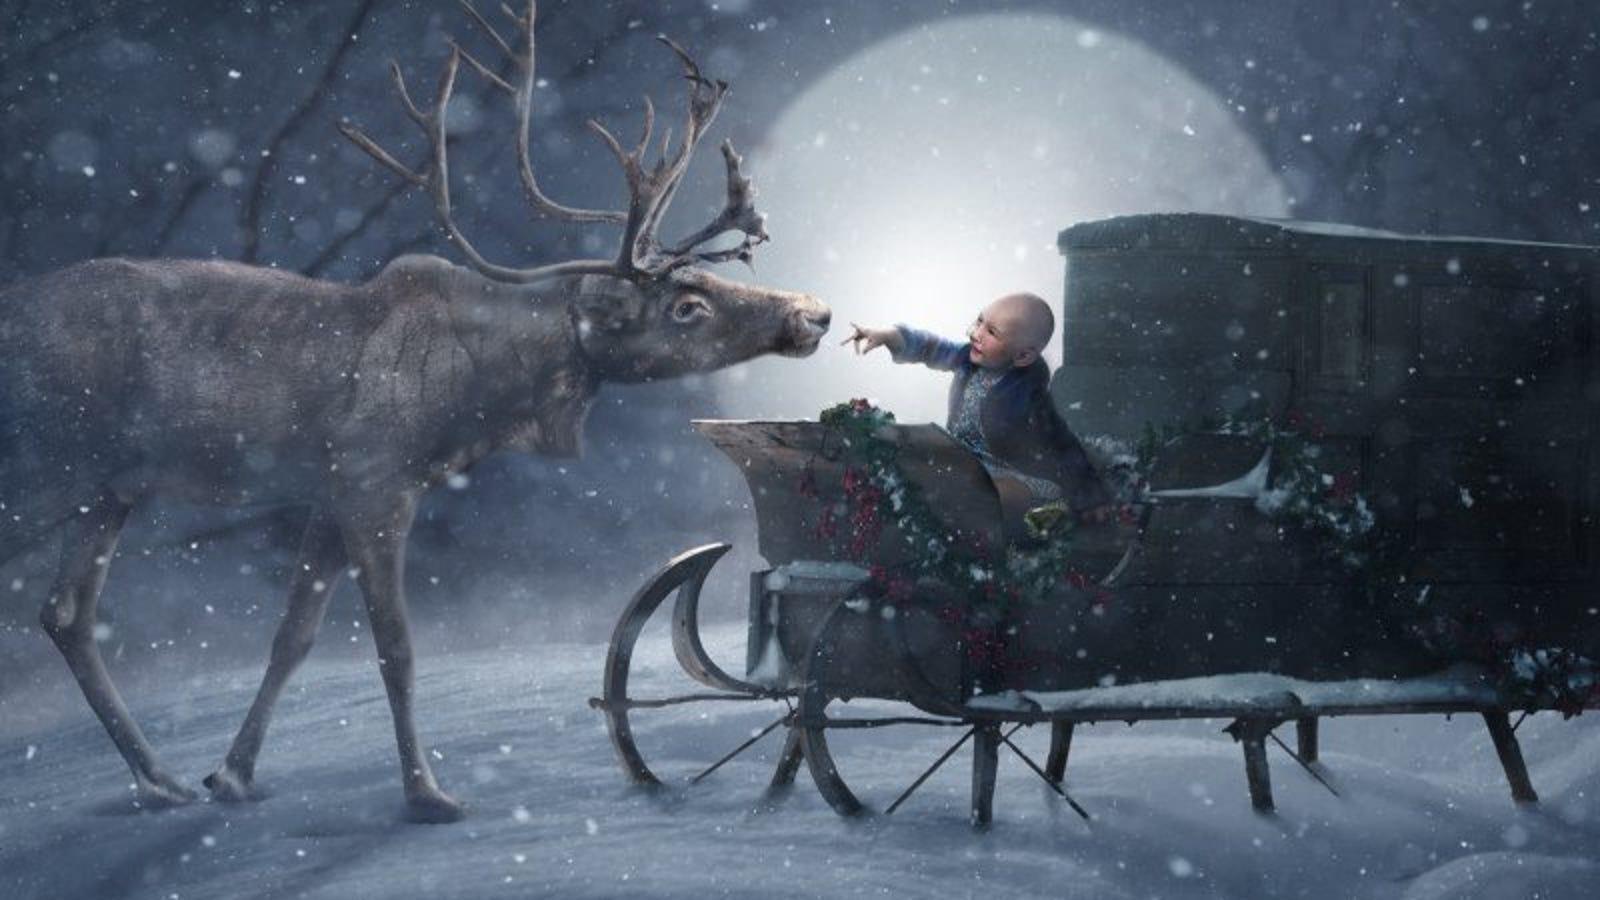 Fotógrafos voluntarios visitan a cientos de niños enfermos y convierten sus retratos en escenas mágicas de Navidad